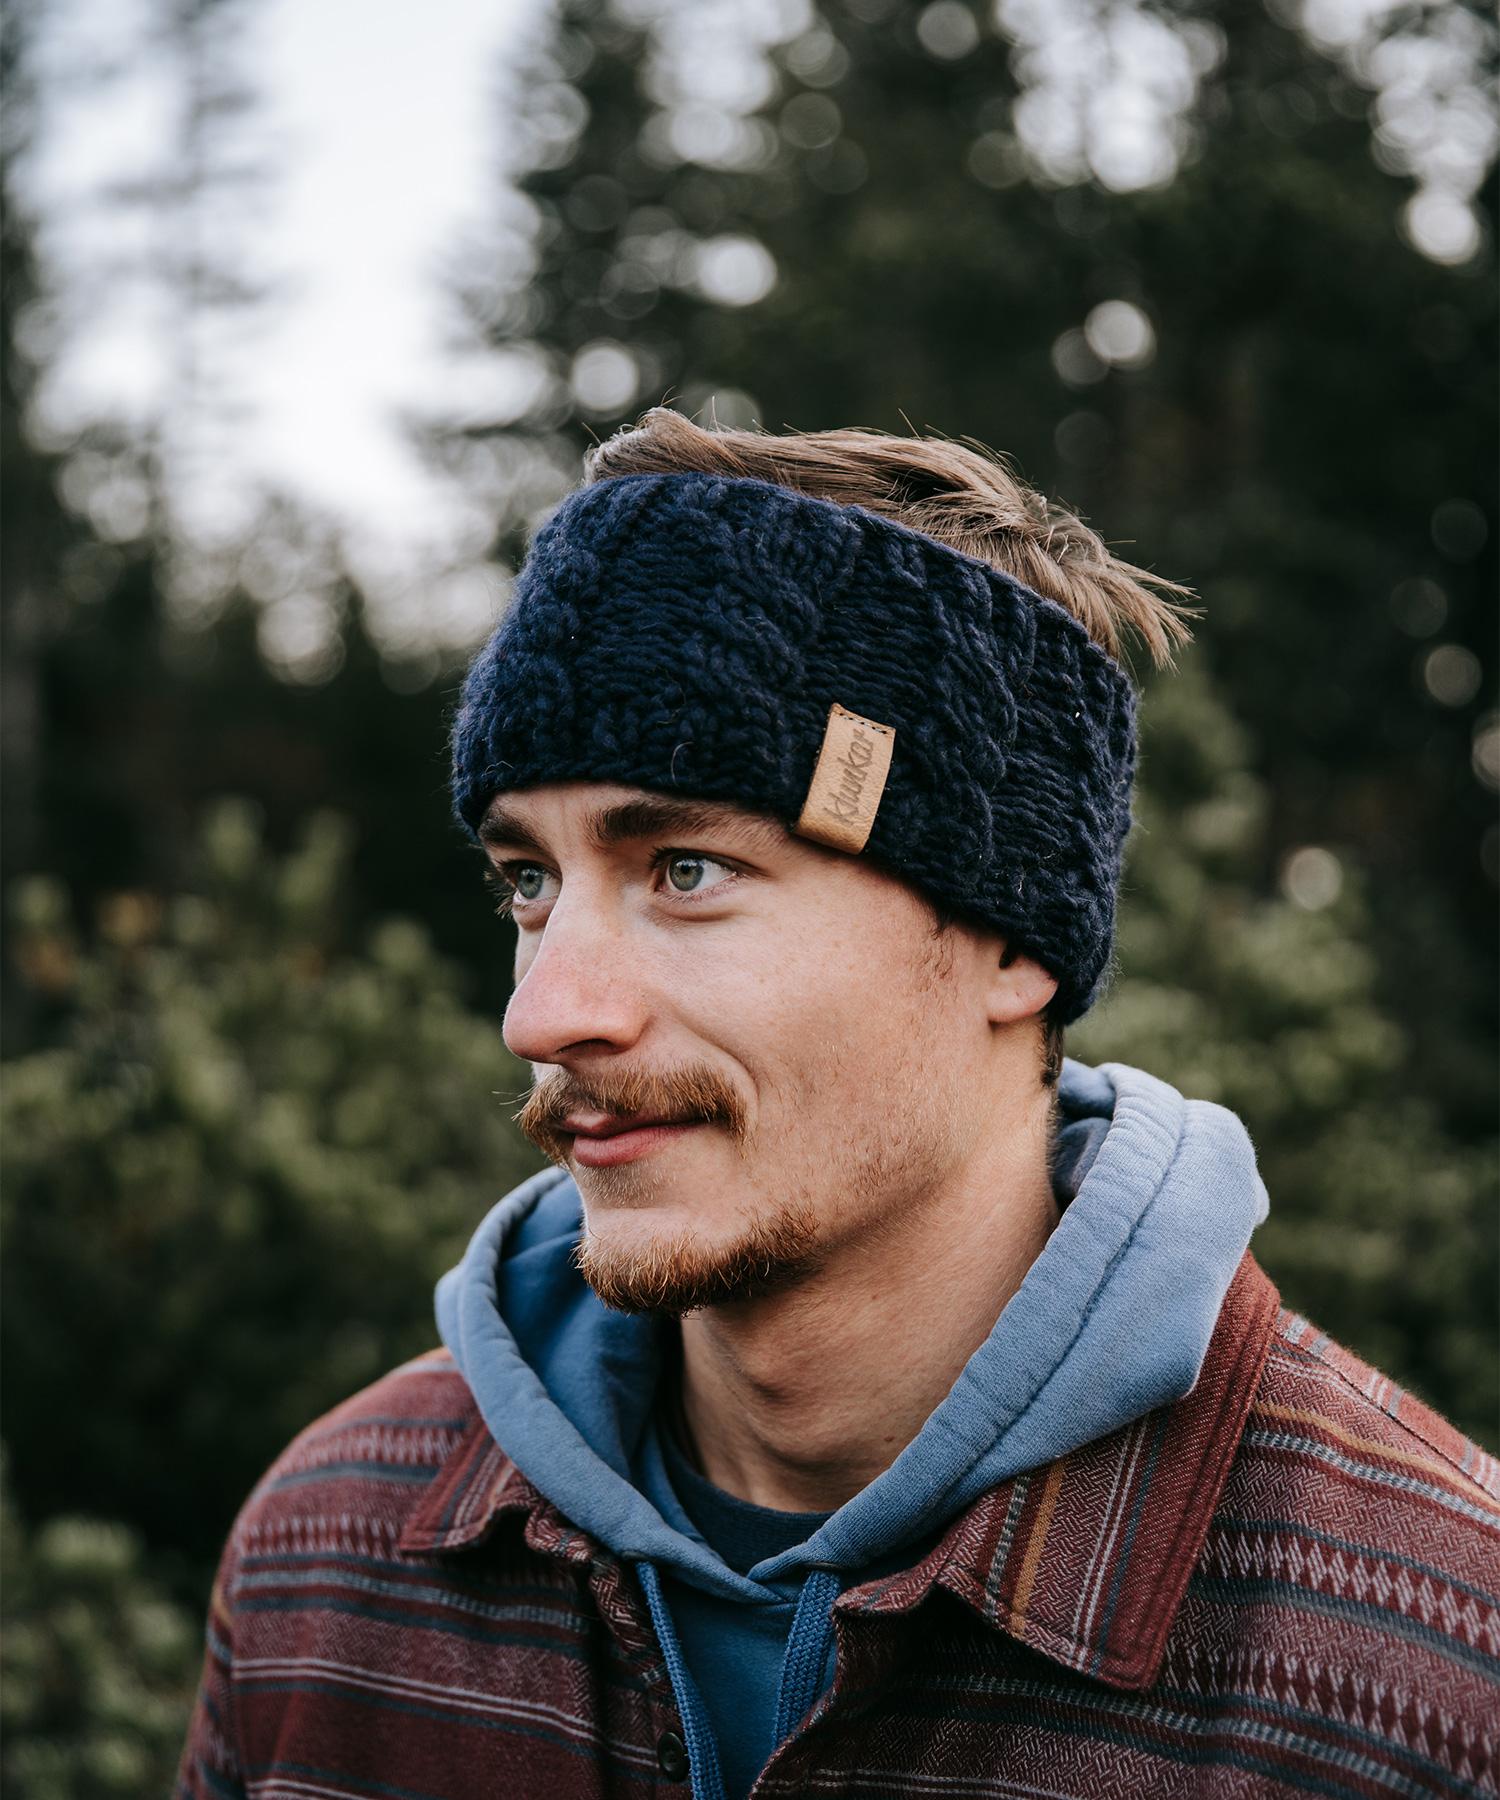 Stirnband aus reiner Merino Schurwolle. Gefertigt von Klunkar im Bregenzerwald. Foto von Pia Pia Pia Berchtold.